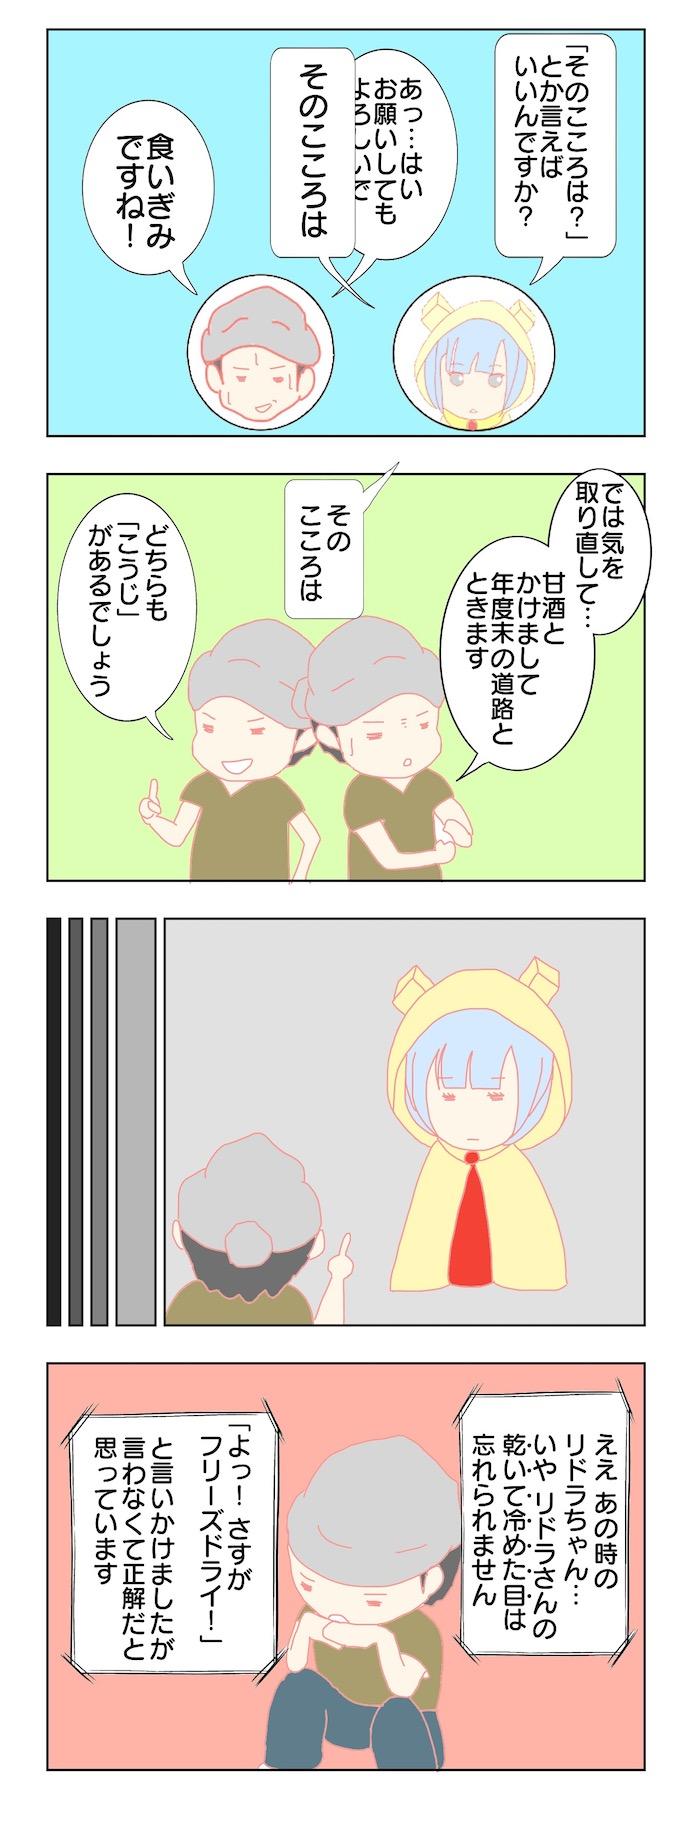 キムケン漫画2